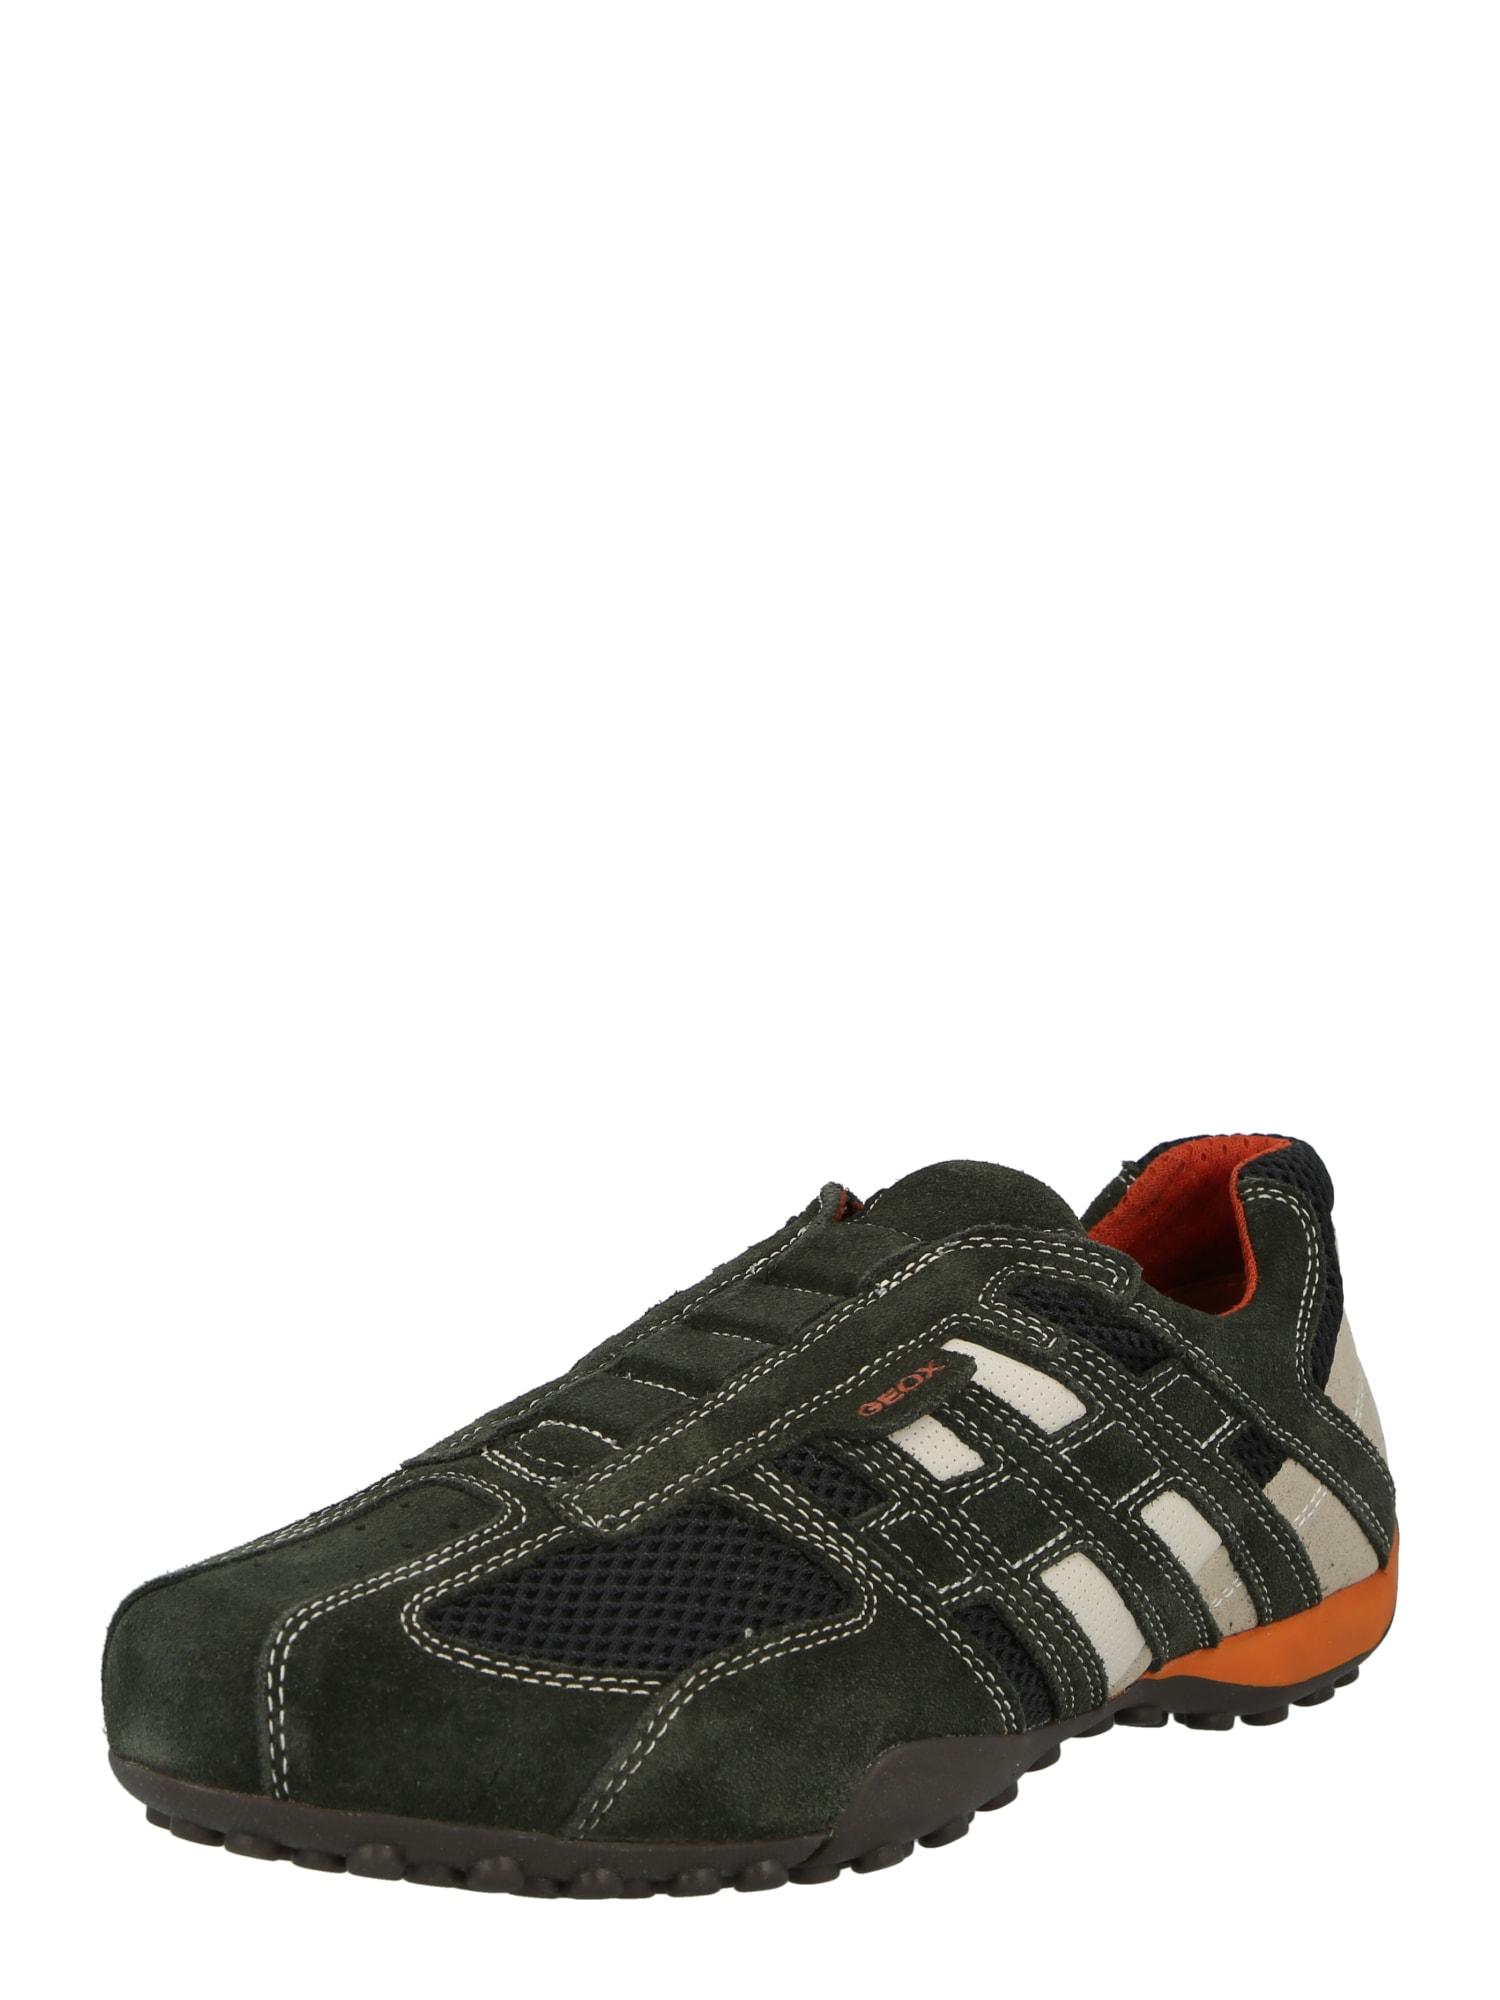 GEOX Rövid szárú edzőcipők fehér / éjkék / bazaltszürke / szürke